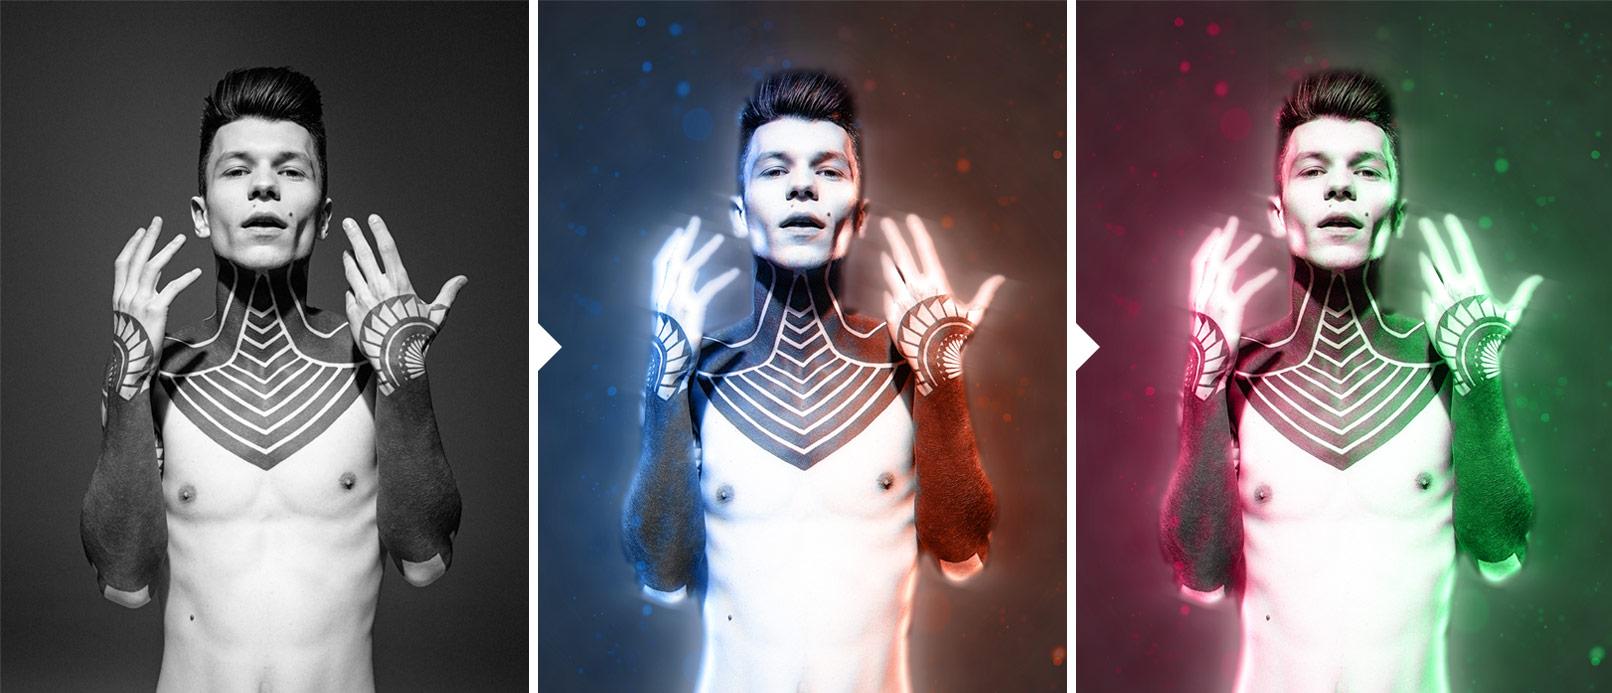 Porträt eines Mannes, Doppelbeleuchtungseffekt mithilfe einer Photoshop-Aktion aufgelegt